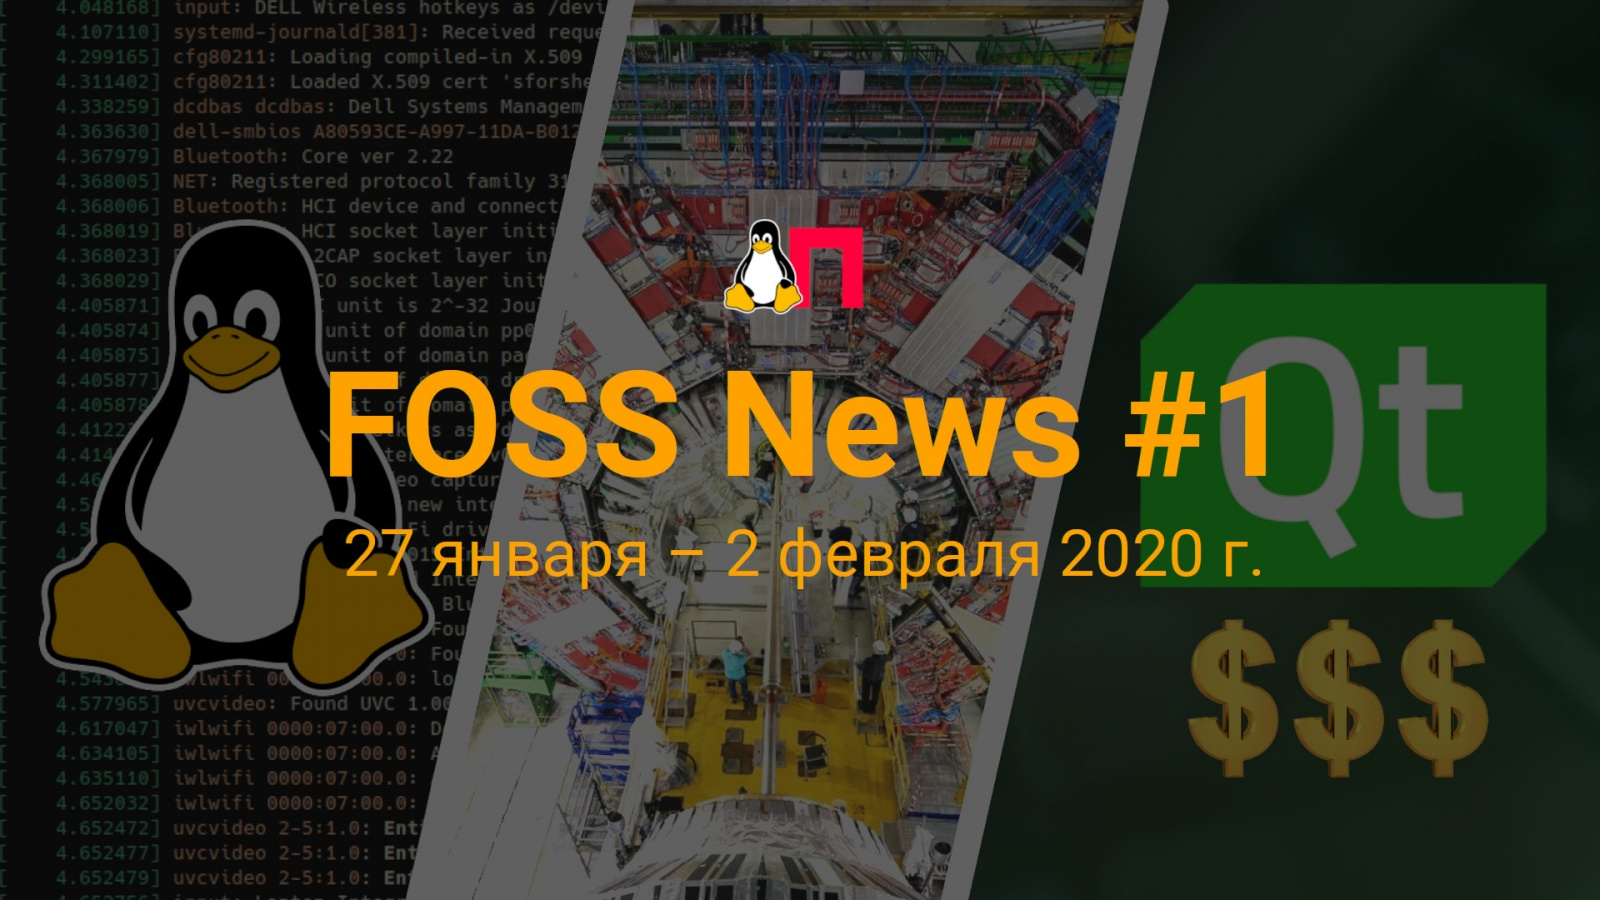 FOSS News №1 — обзор новостей свободного и открытого ПО за 27 января — 2 февраля 2020 года - 1